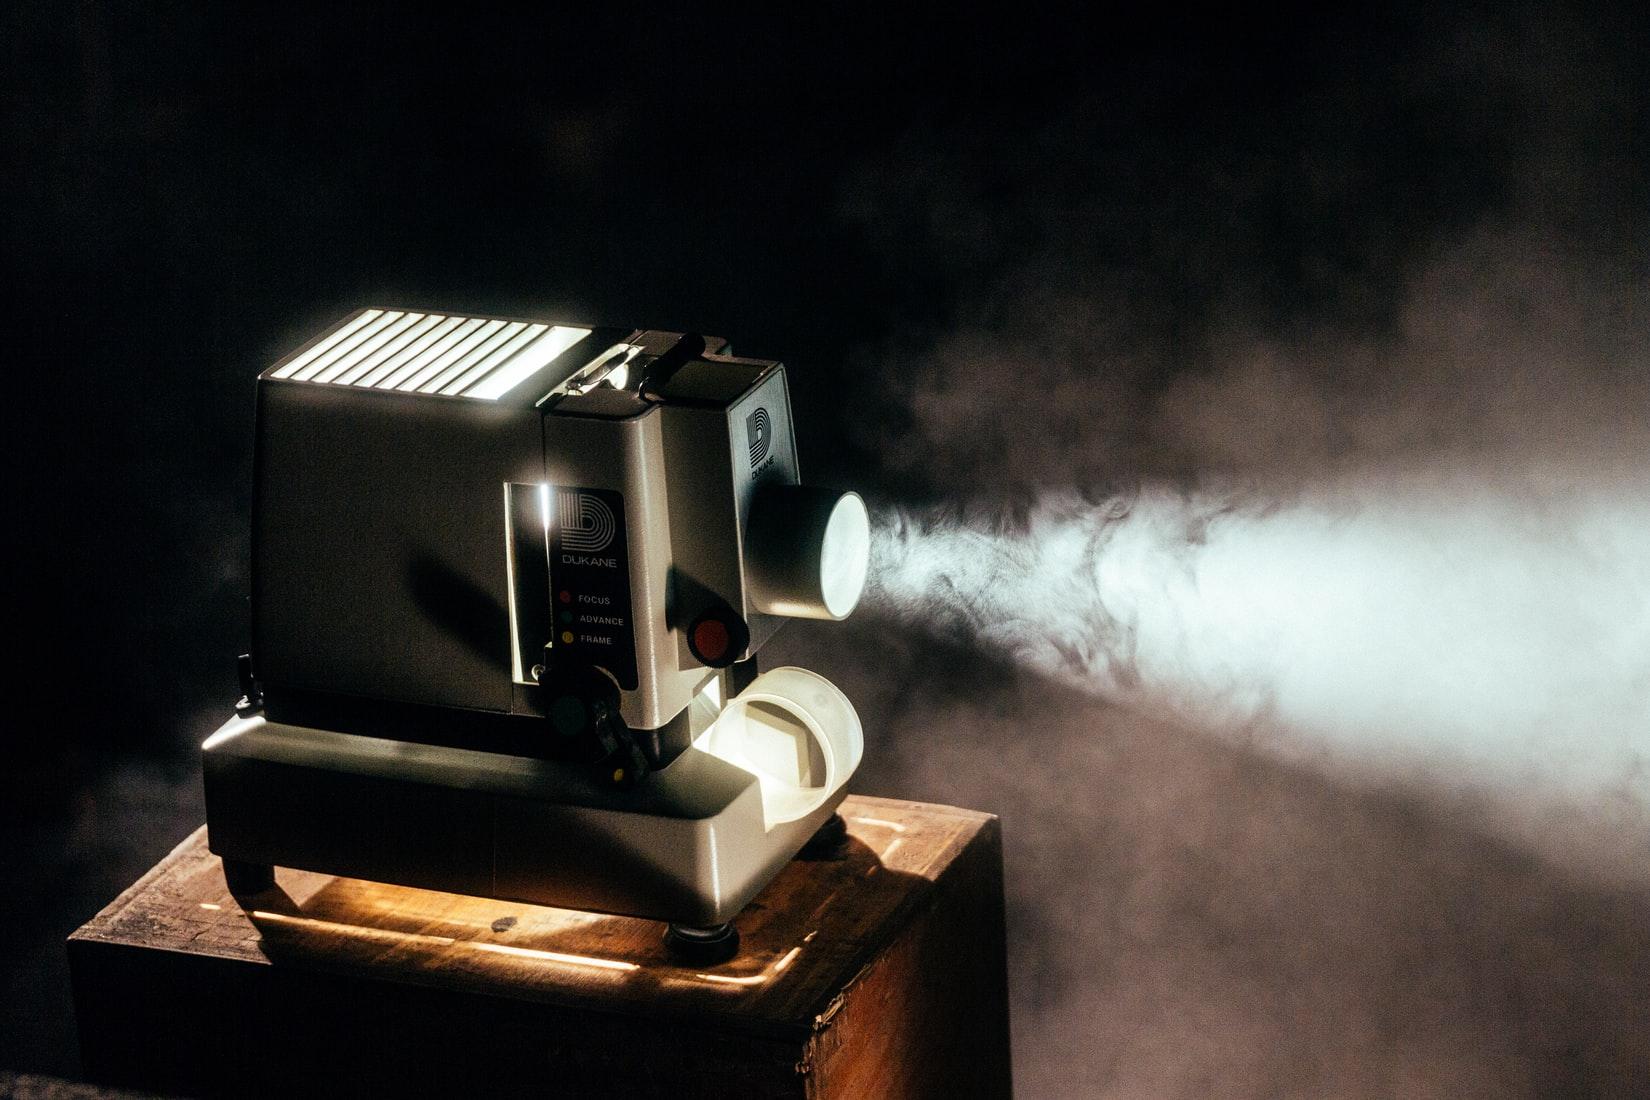 Comment un vidéoprojecteur peut-il remplacer un téléviseur ? 4